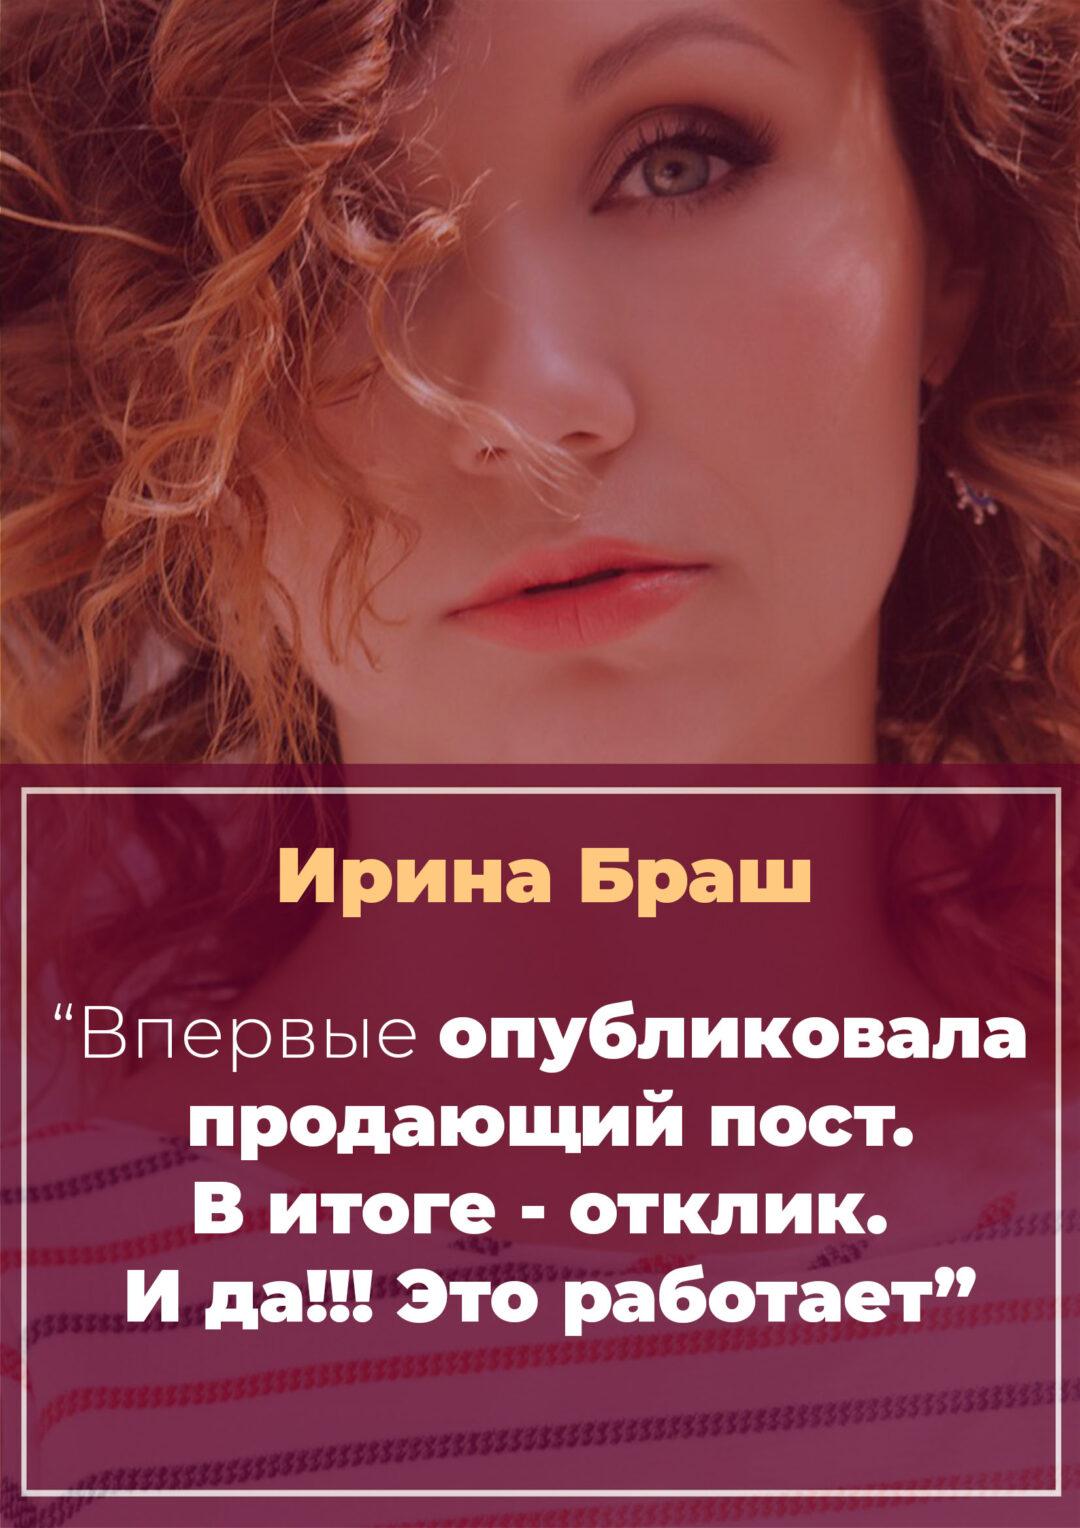 История Ирины Браш